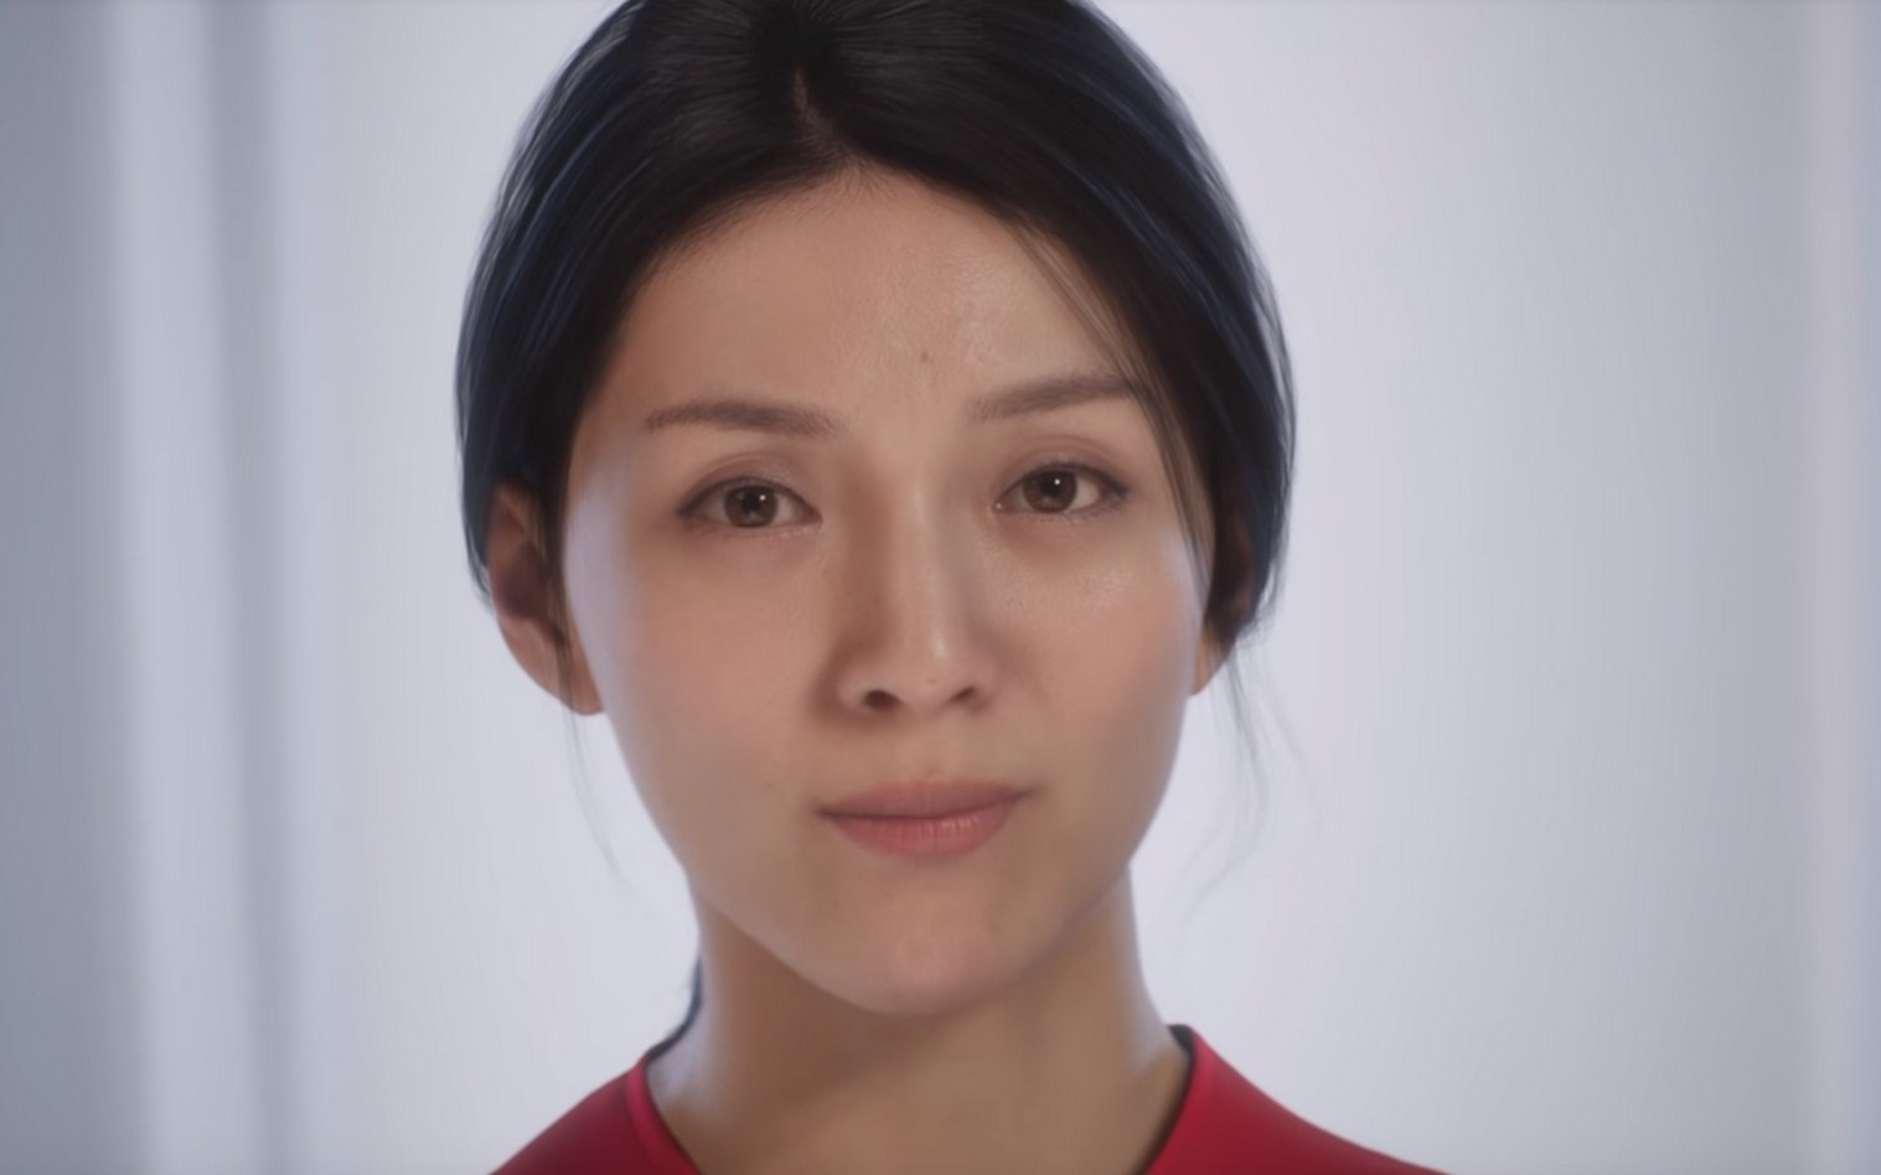 Cette jeune femme est un personnage de synthèse. © Unreal Engine